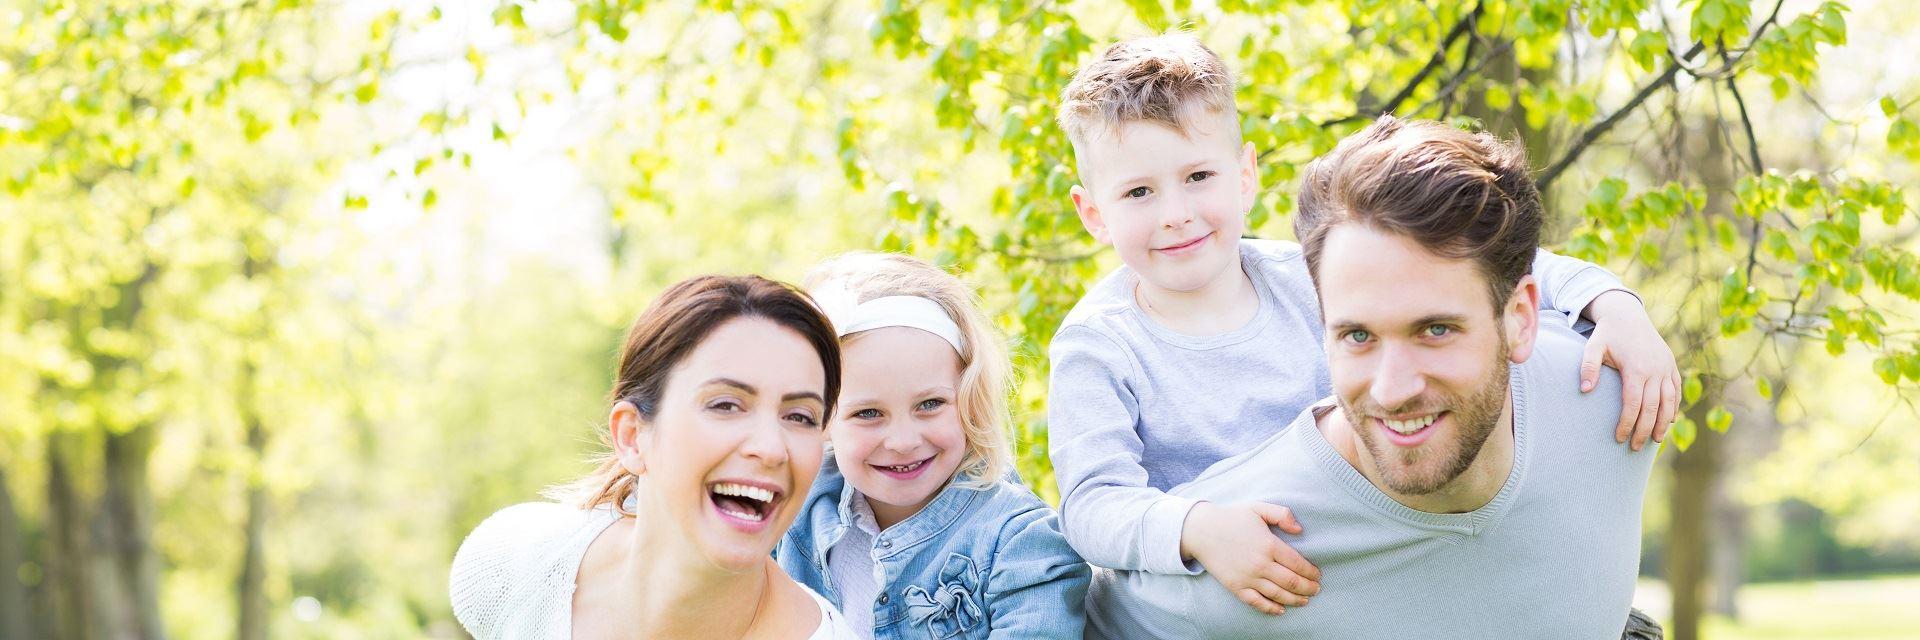 radosna rodzina z dwojgiem dzieci